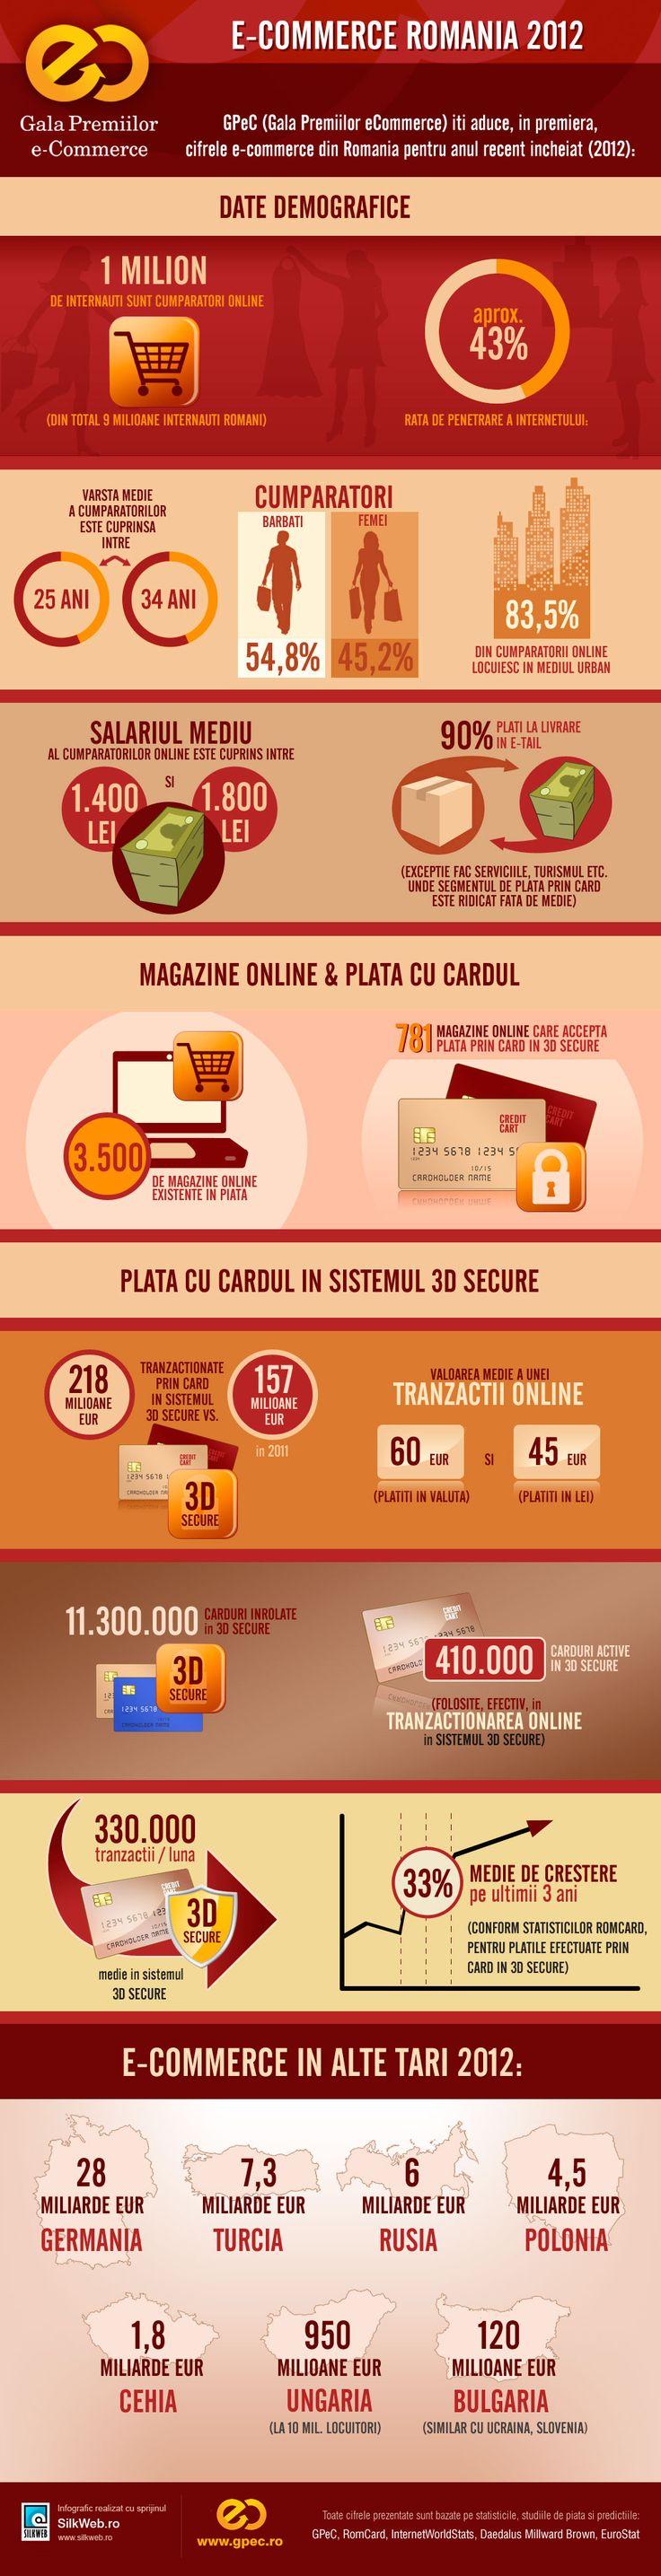 infografic e-commerce Romania 2012. GPeC a prezentat in premiera cifrele e-commerce din Romania pe 2012